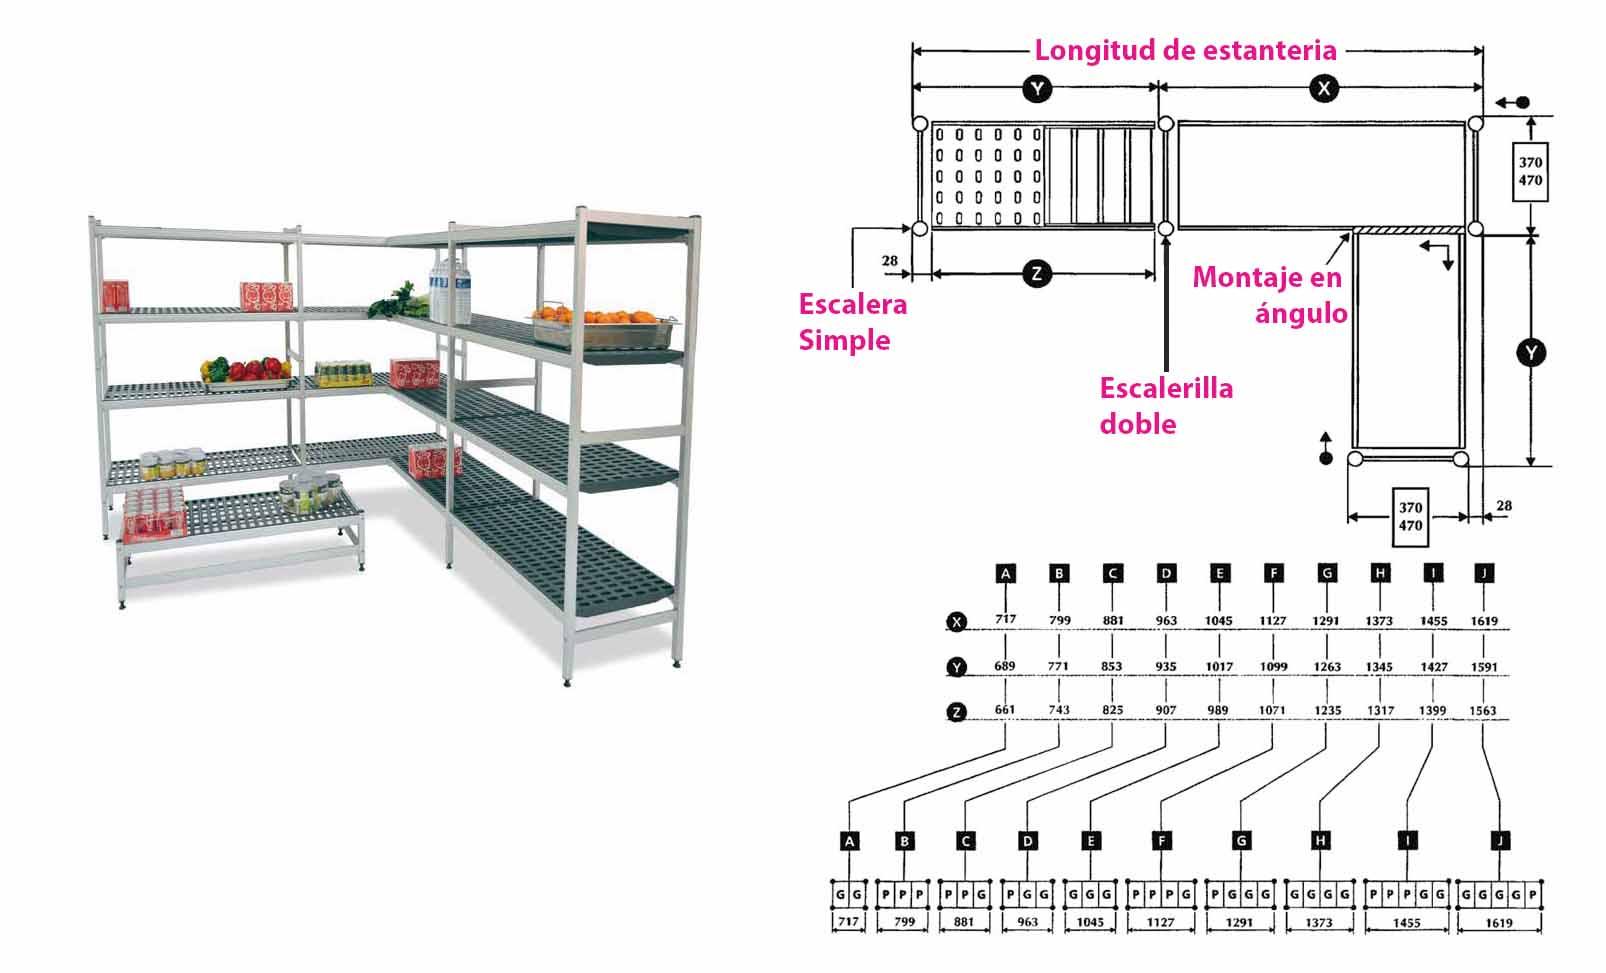 Tipos de estanterias para camaras